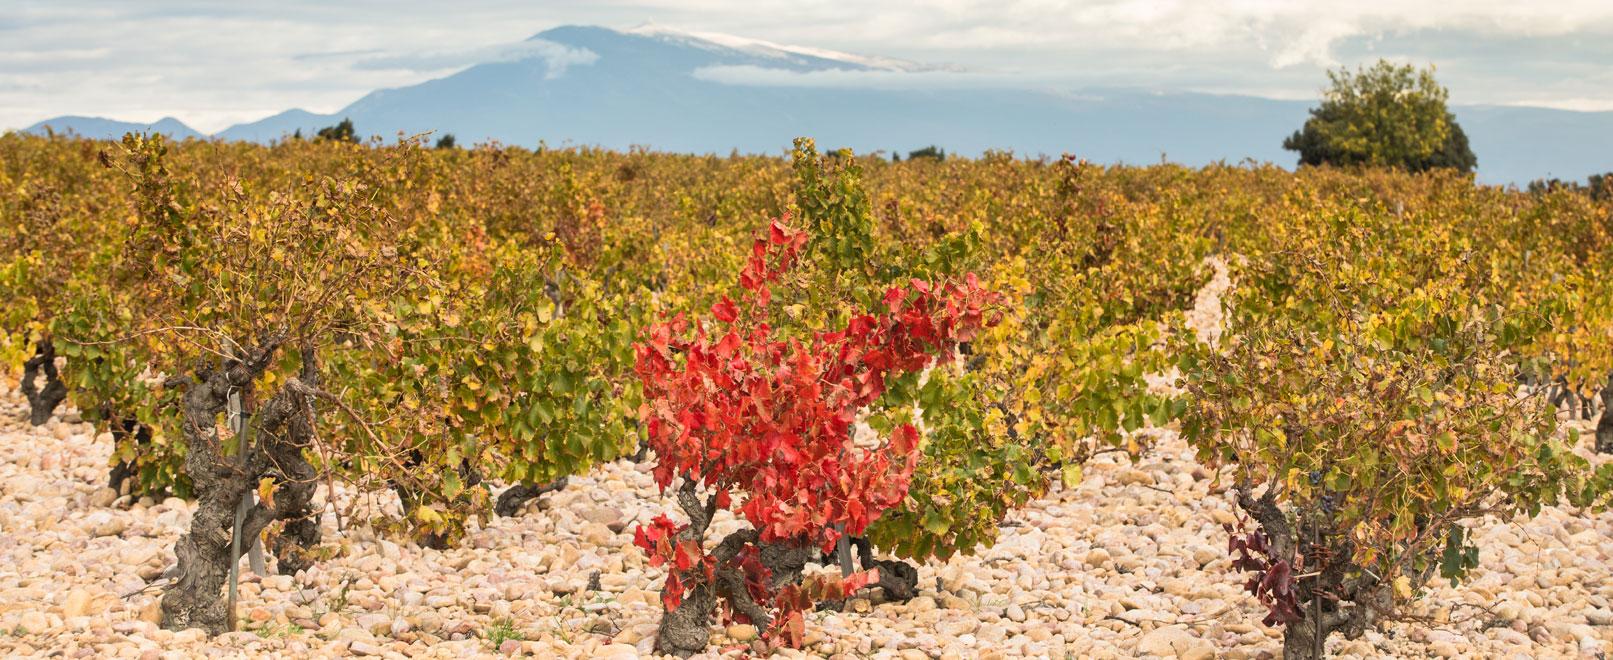 Vinos y viñedos del vallee del Rodano © Kessler